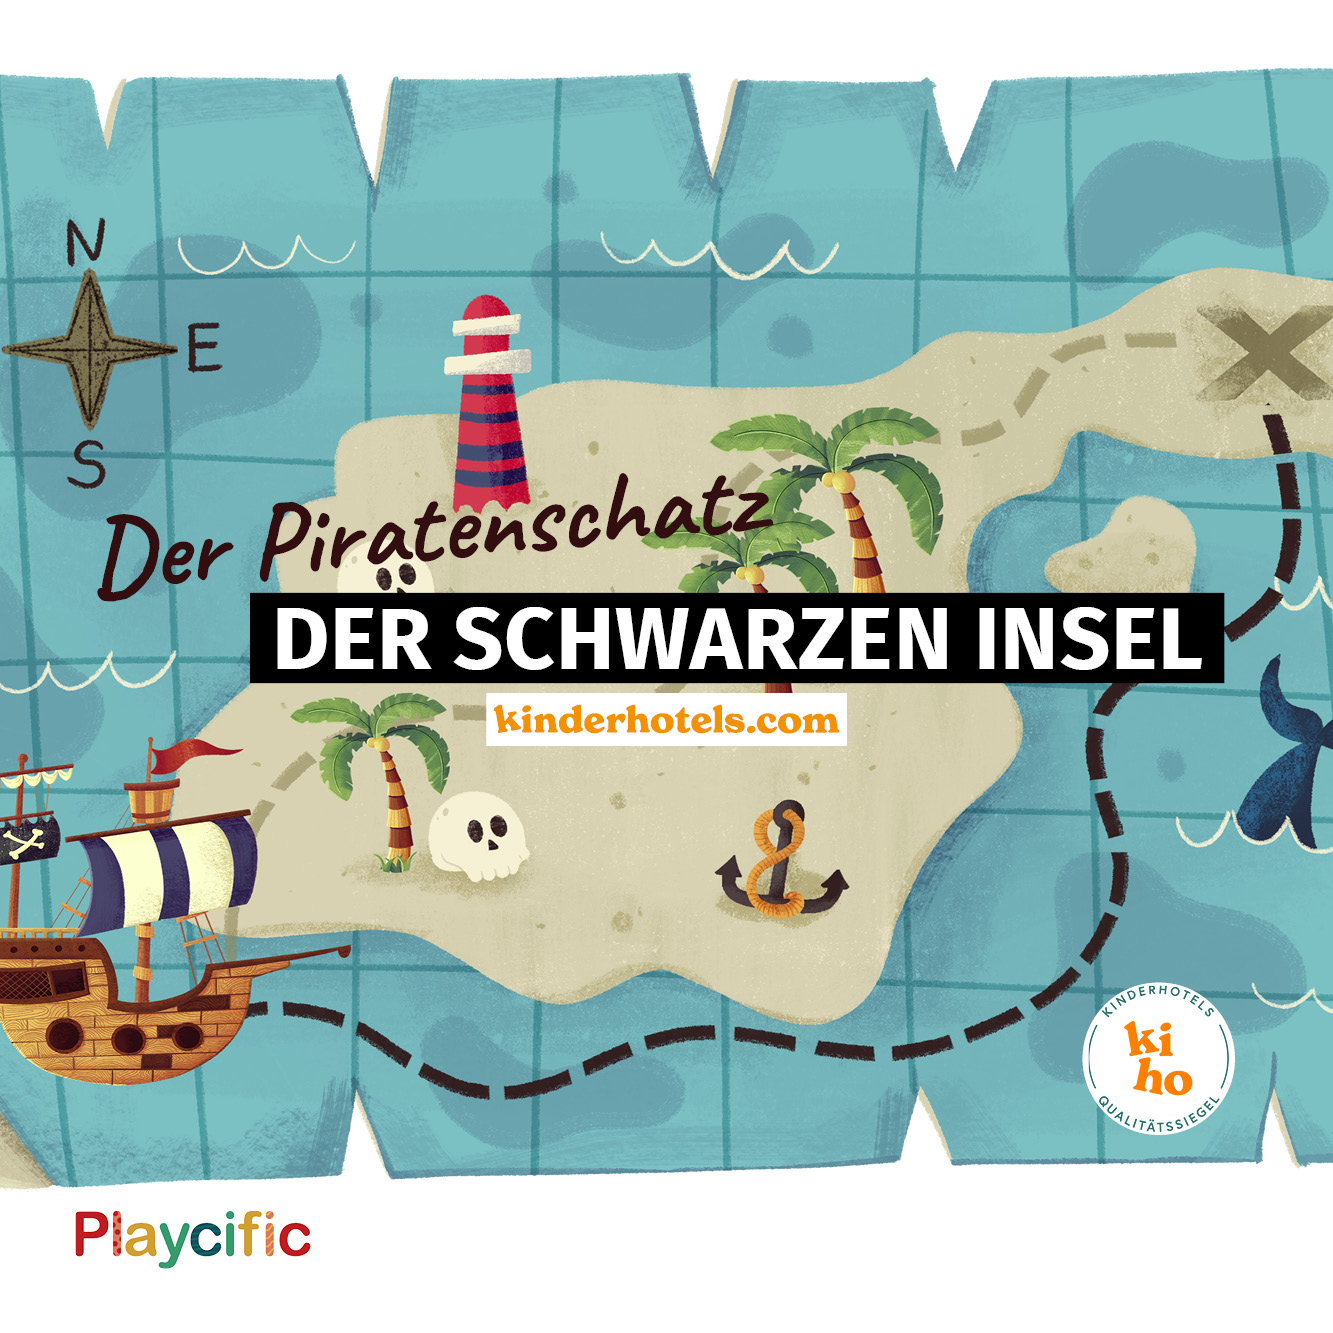 Der Piratenschatz der schwarzen Insel Kinderhotels